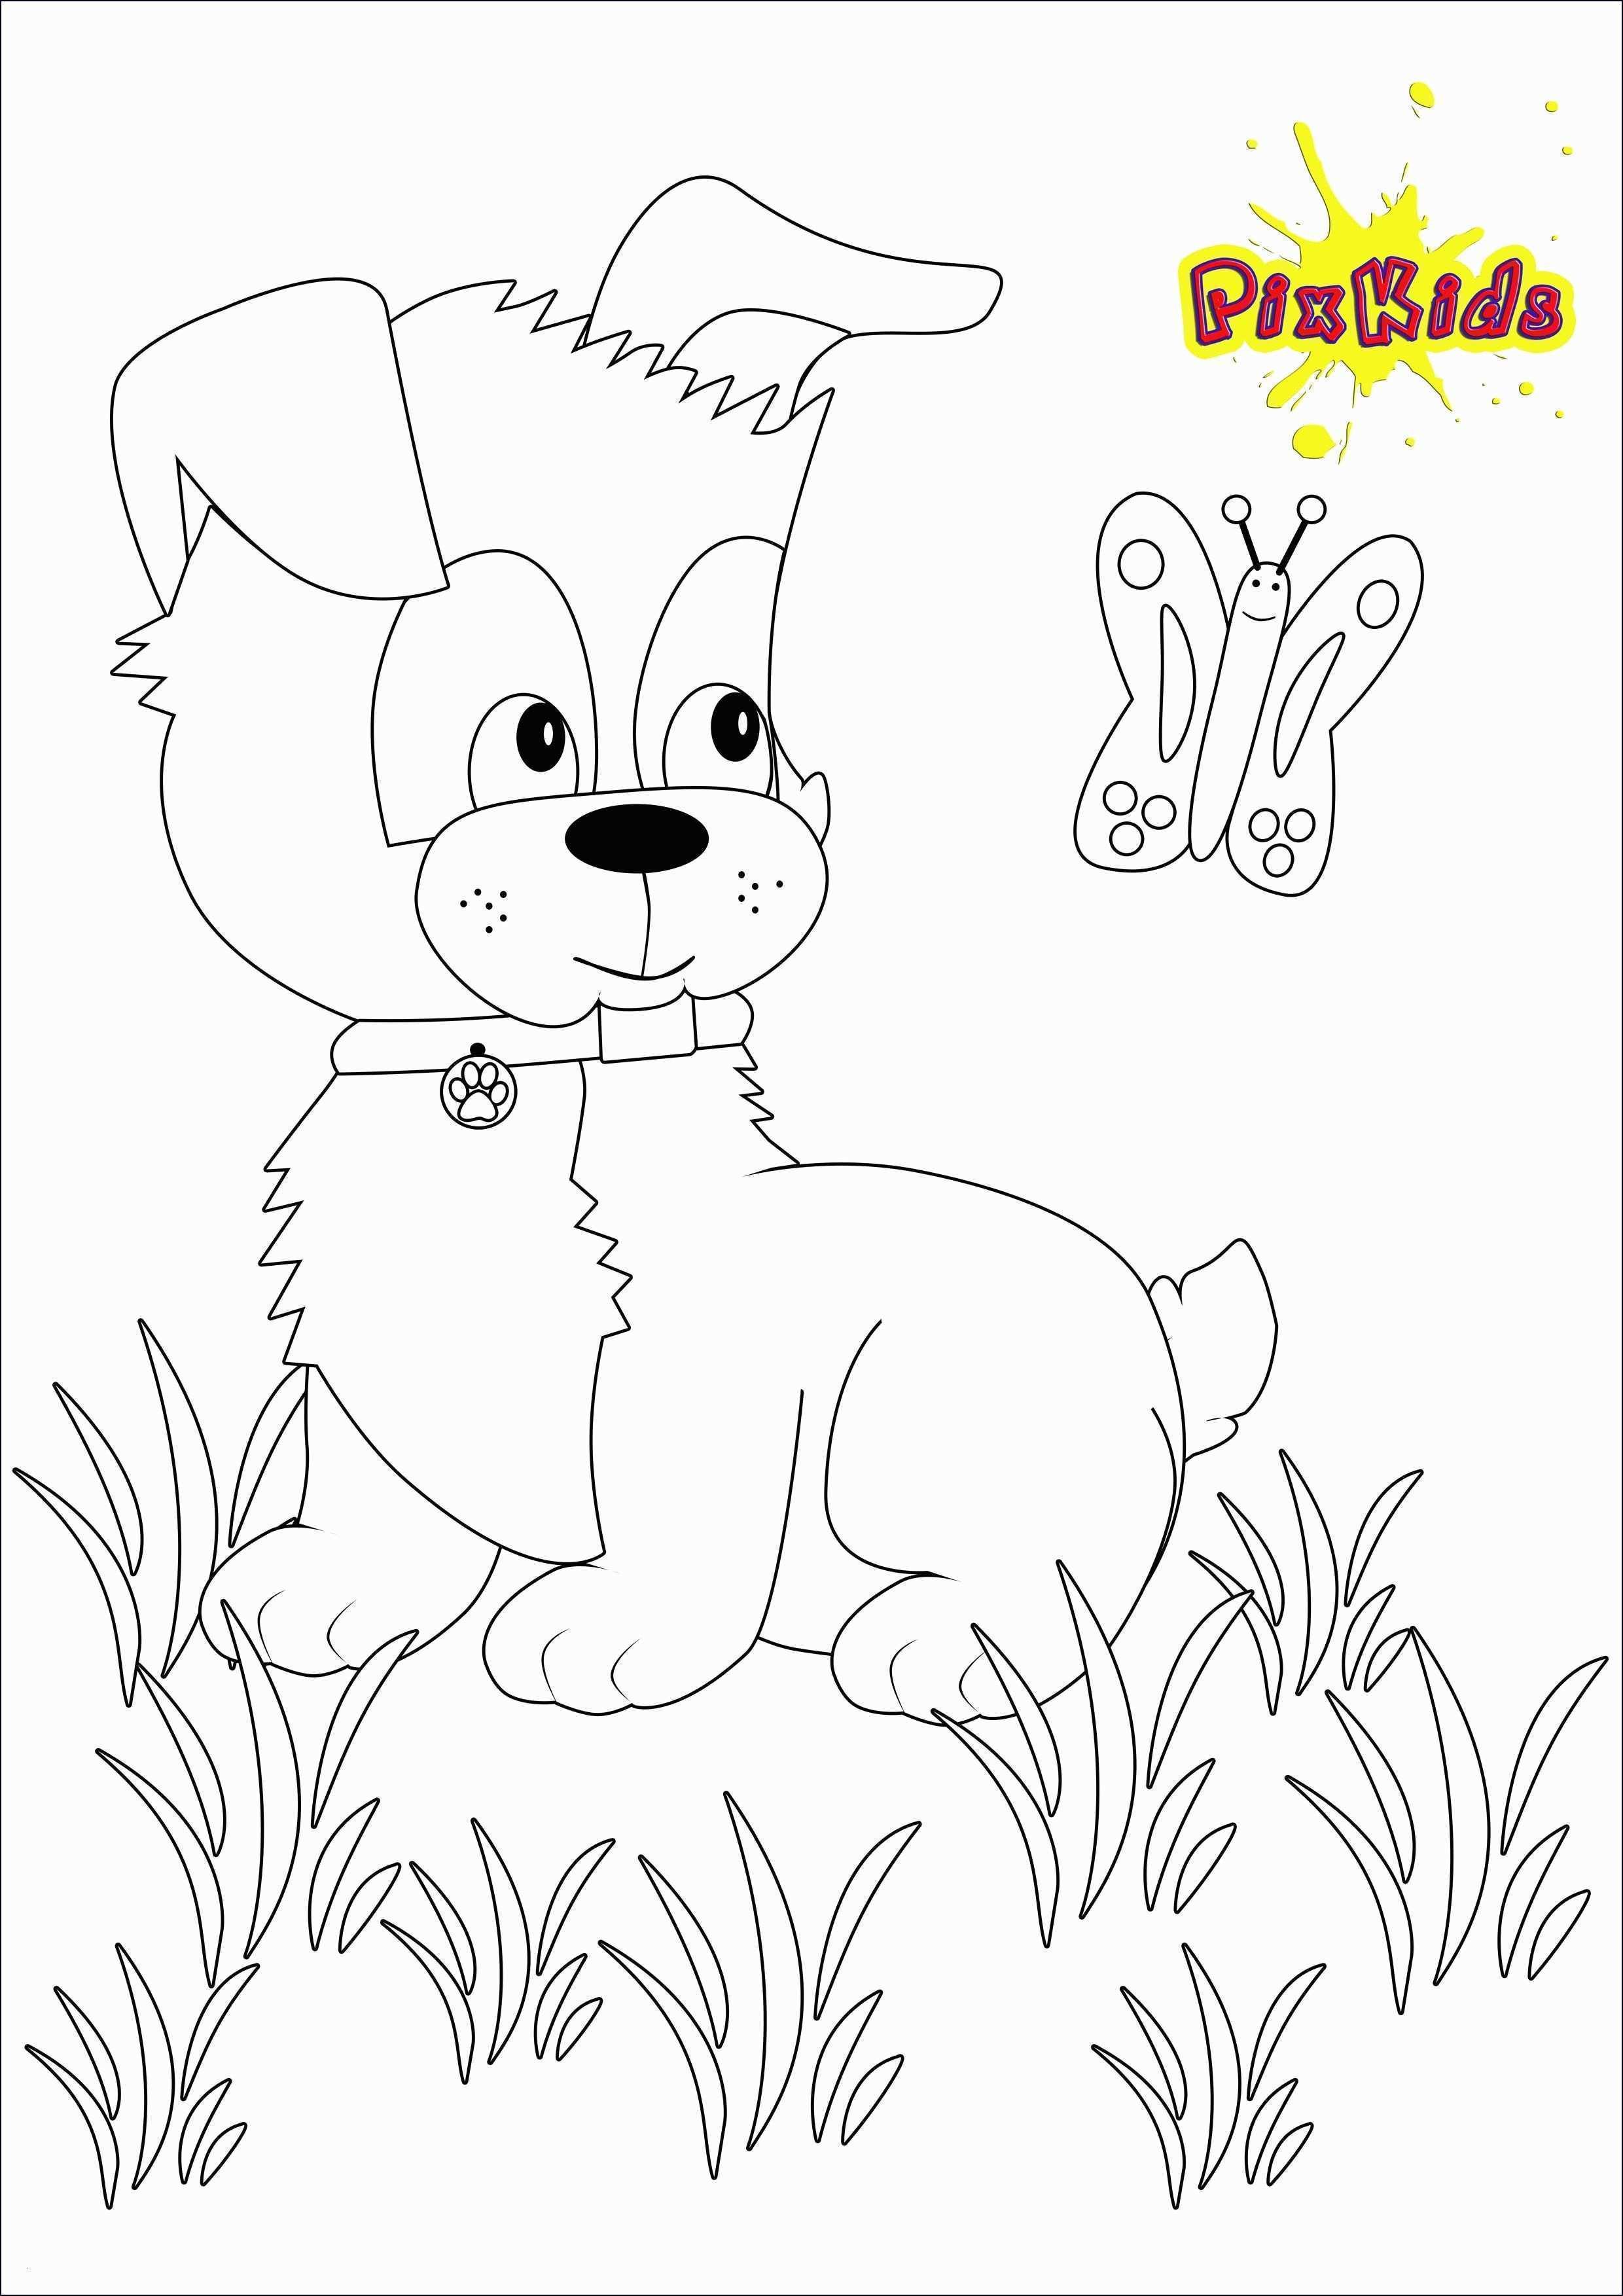 Ausmalbilder Katzen Und Hunde Frisch Ausmalbilder Katzen Zum Ausdrucken Abbild Baby Katzen Ausmalbilder Bilder